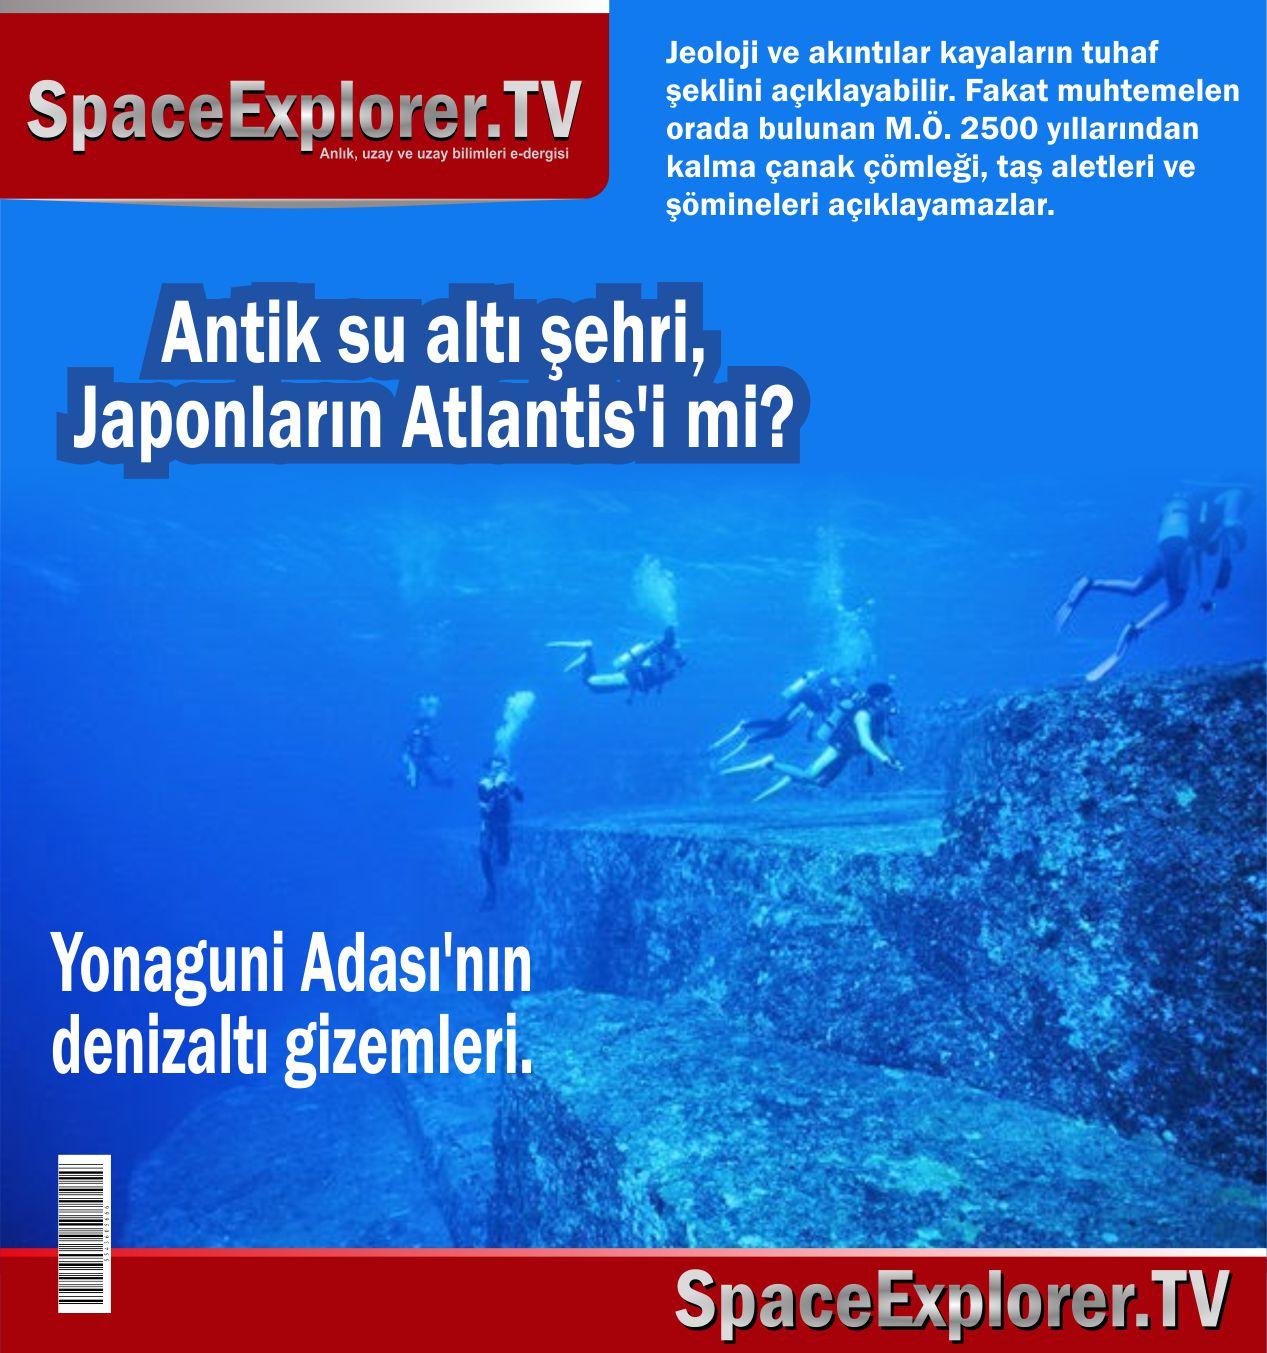 Su altı şehirleri, Atlantis, Antik şehirler, Japonya, Yonaguni Adası, Geçmiş teknoloji devirleri, Space Explorer, Piramitler,